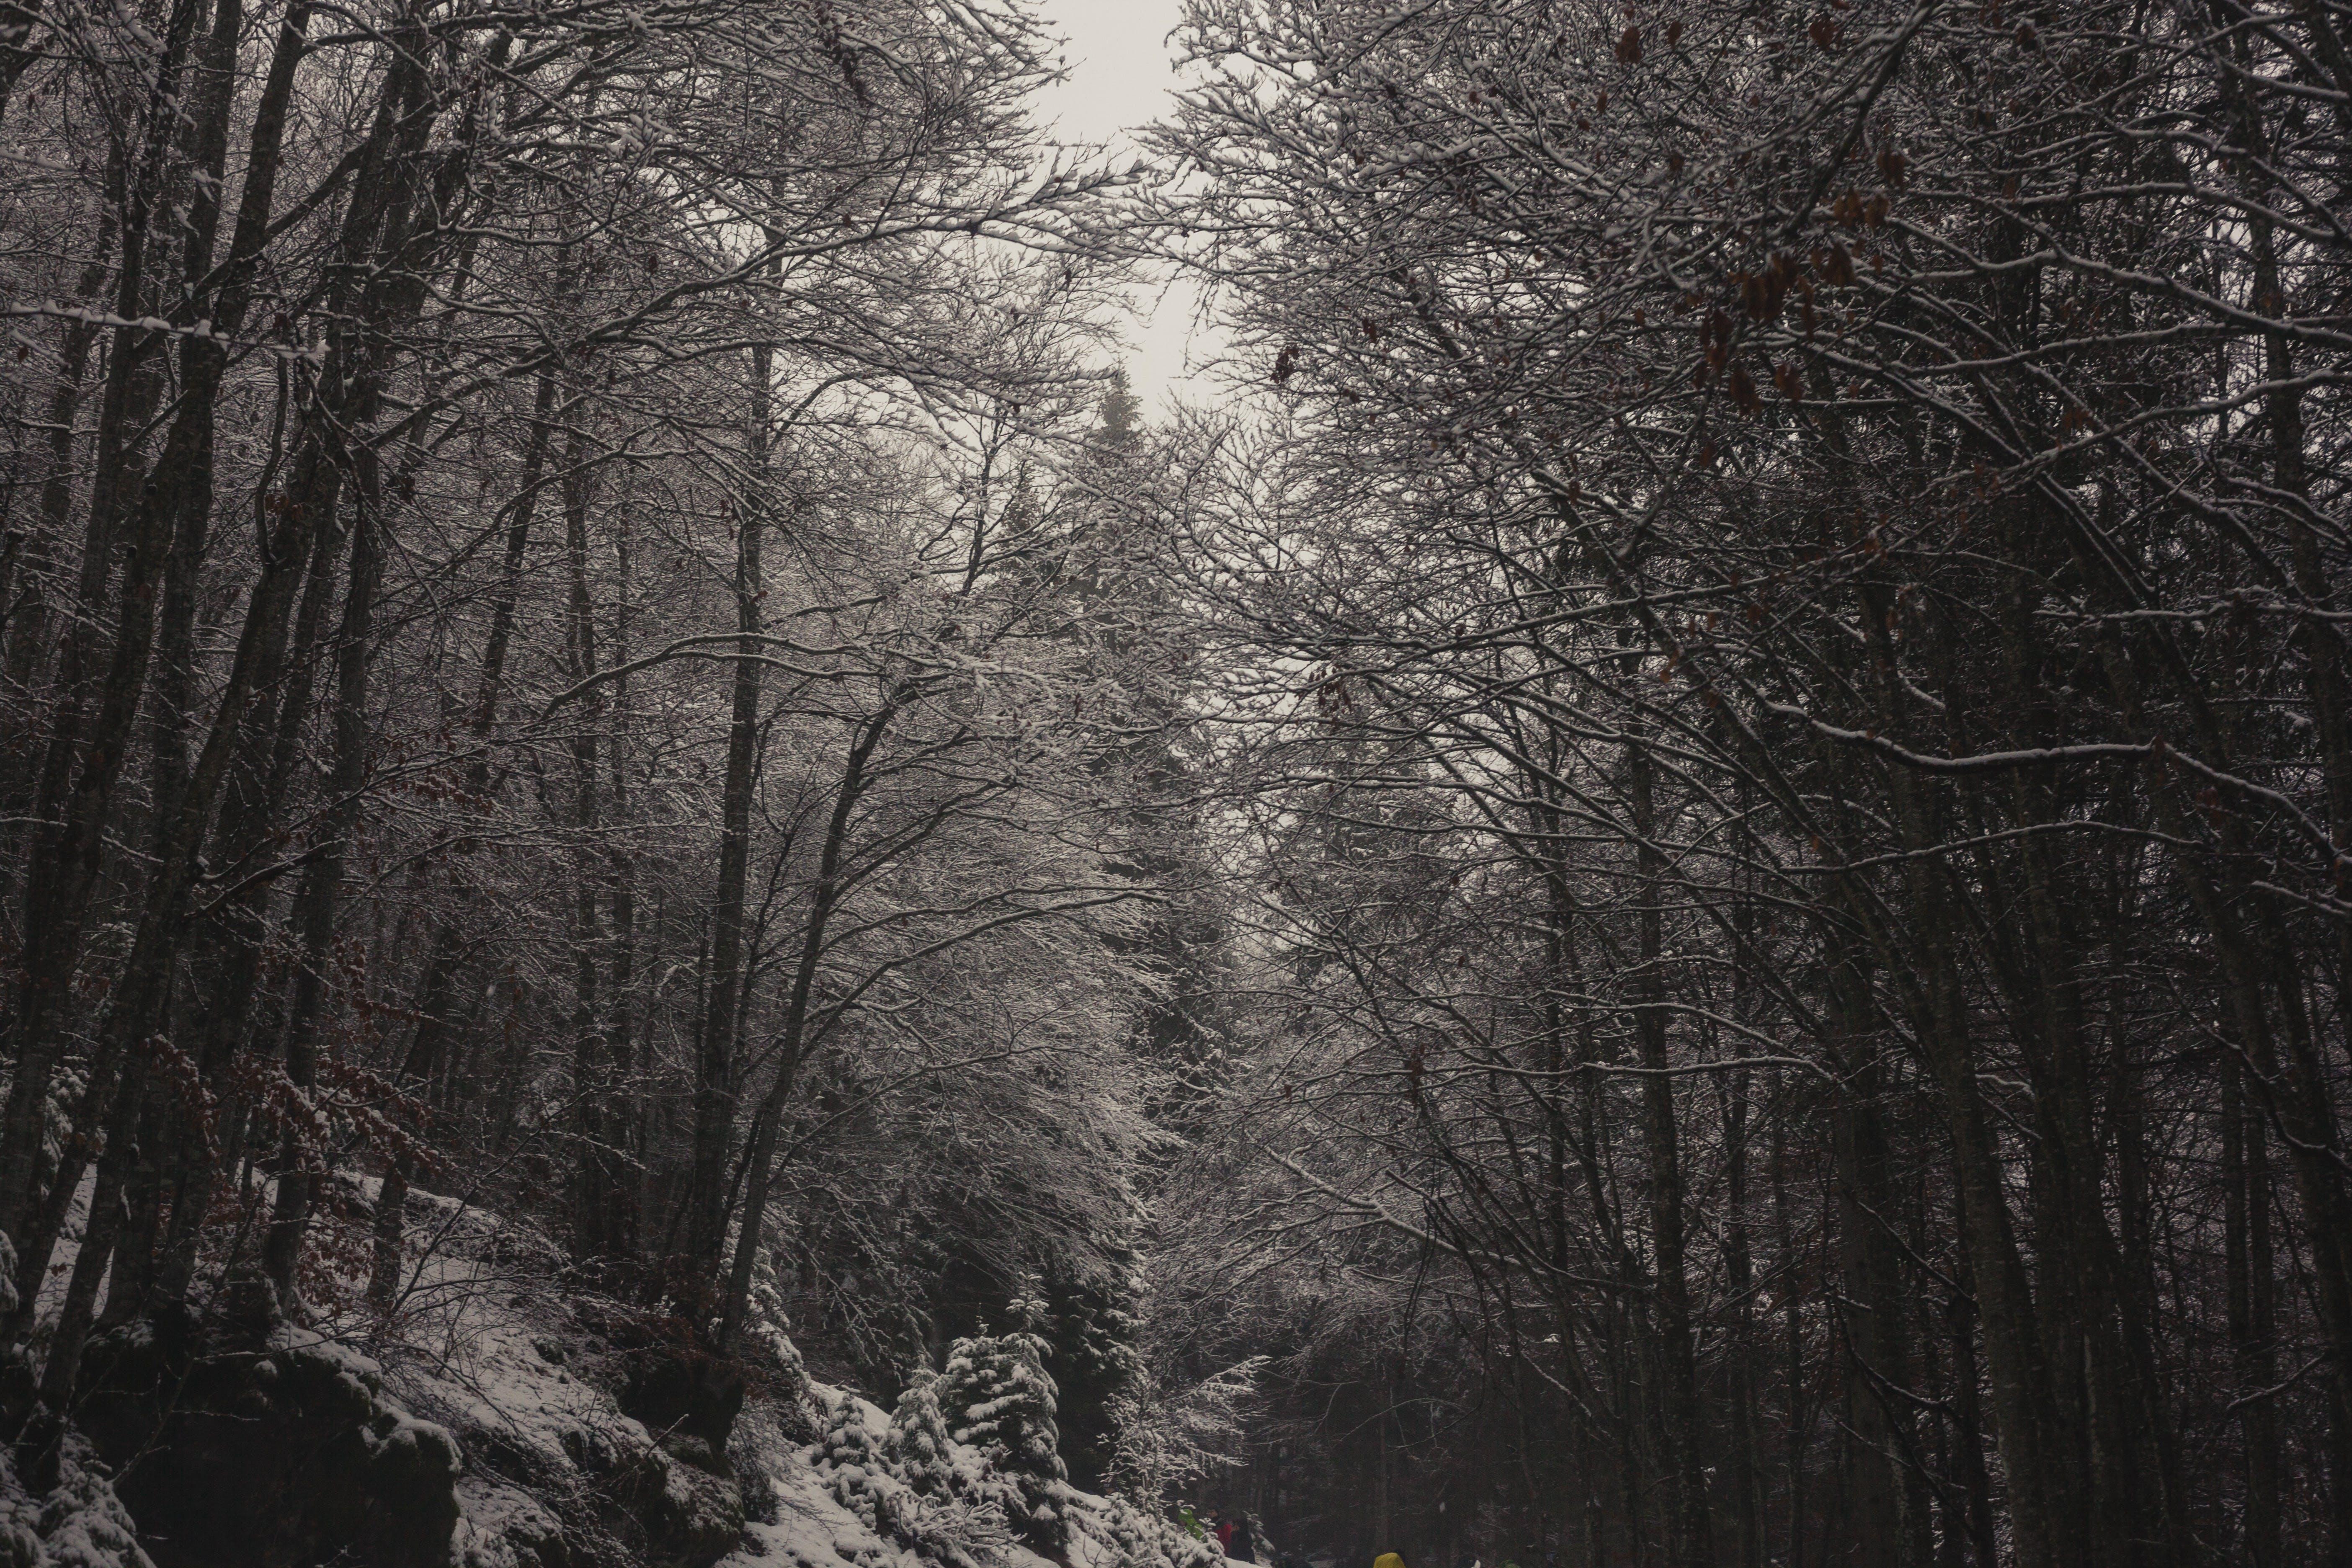 ağaç gövdeleri, ağaçlar, buz, buz tutmuş içeren Ücretsiz stok fotoğraf